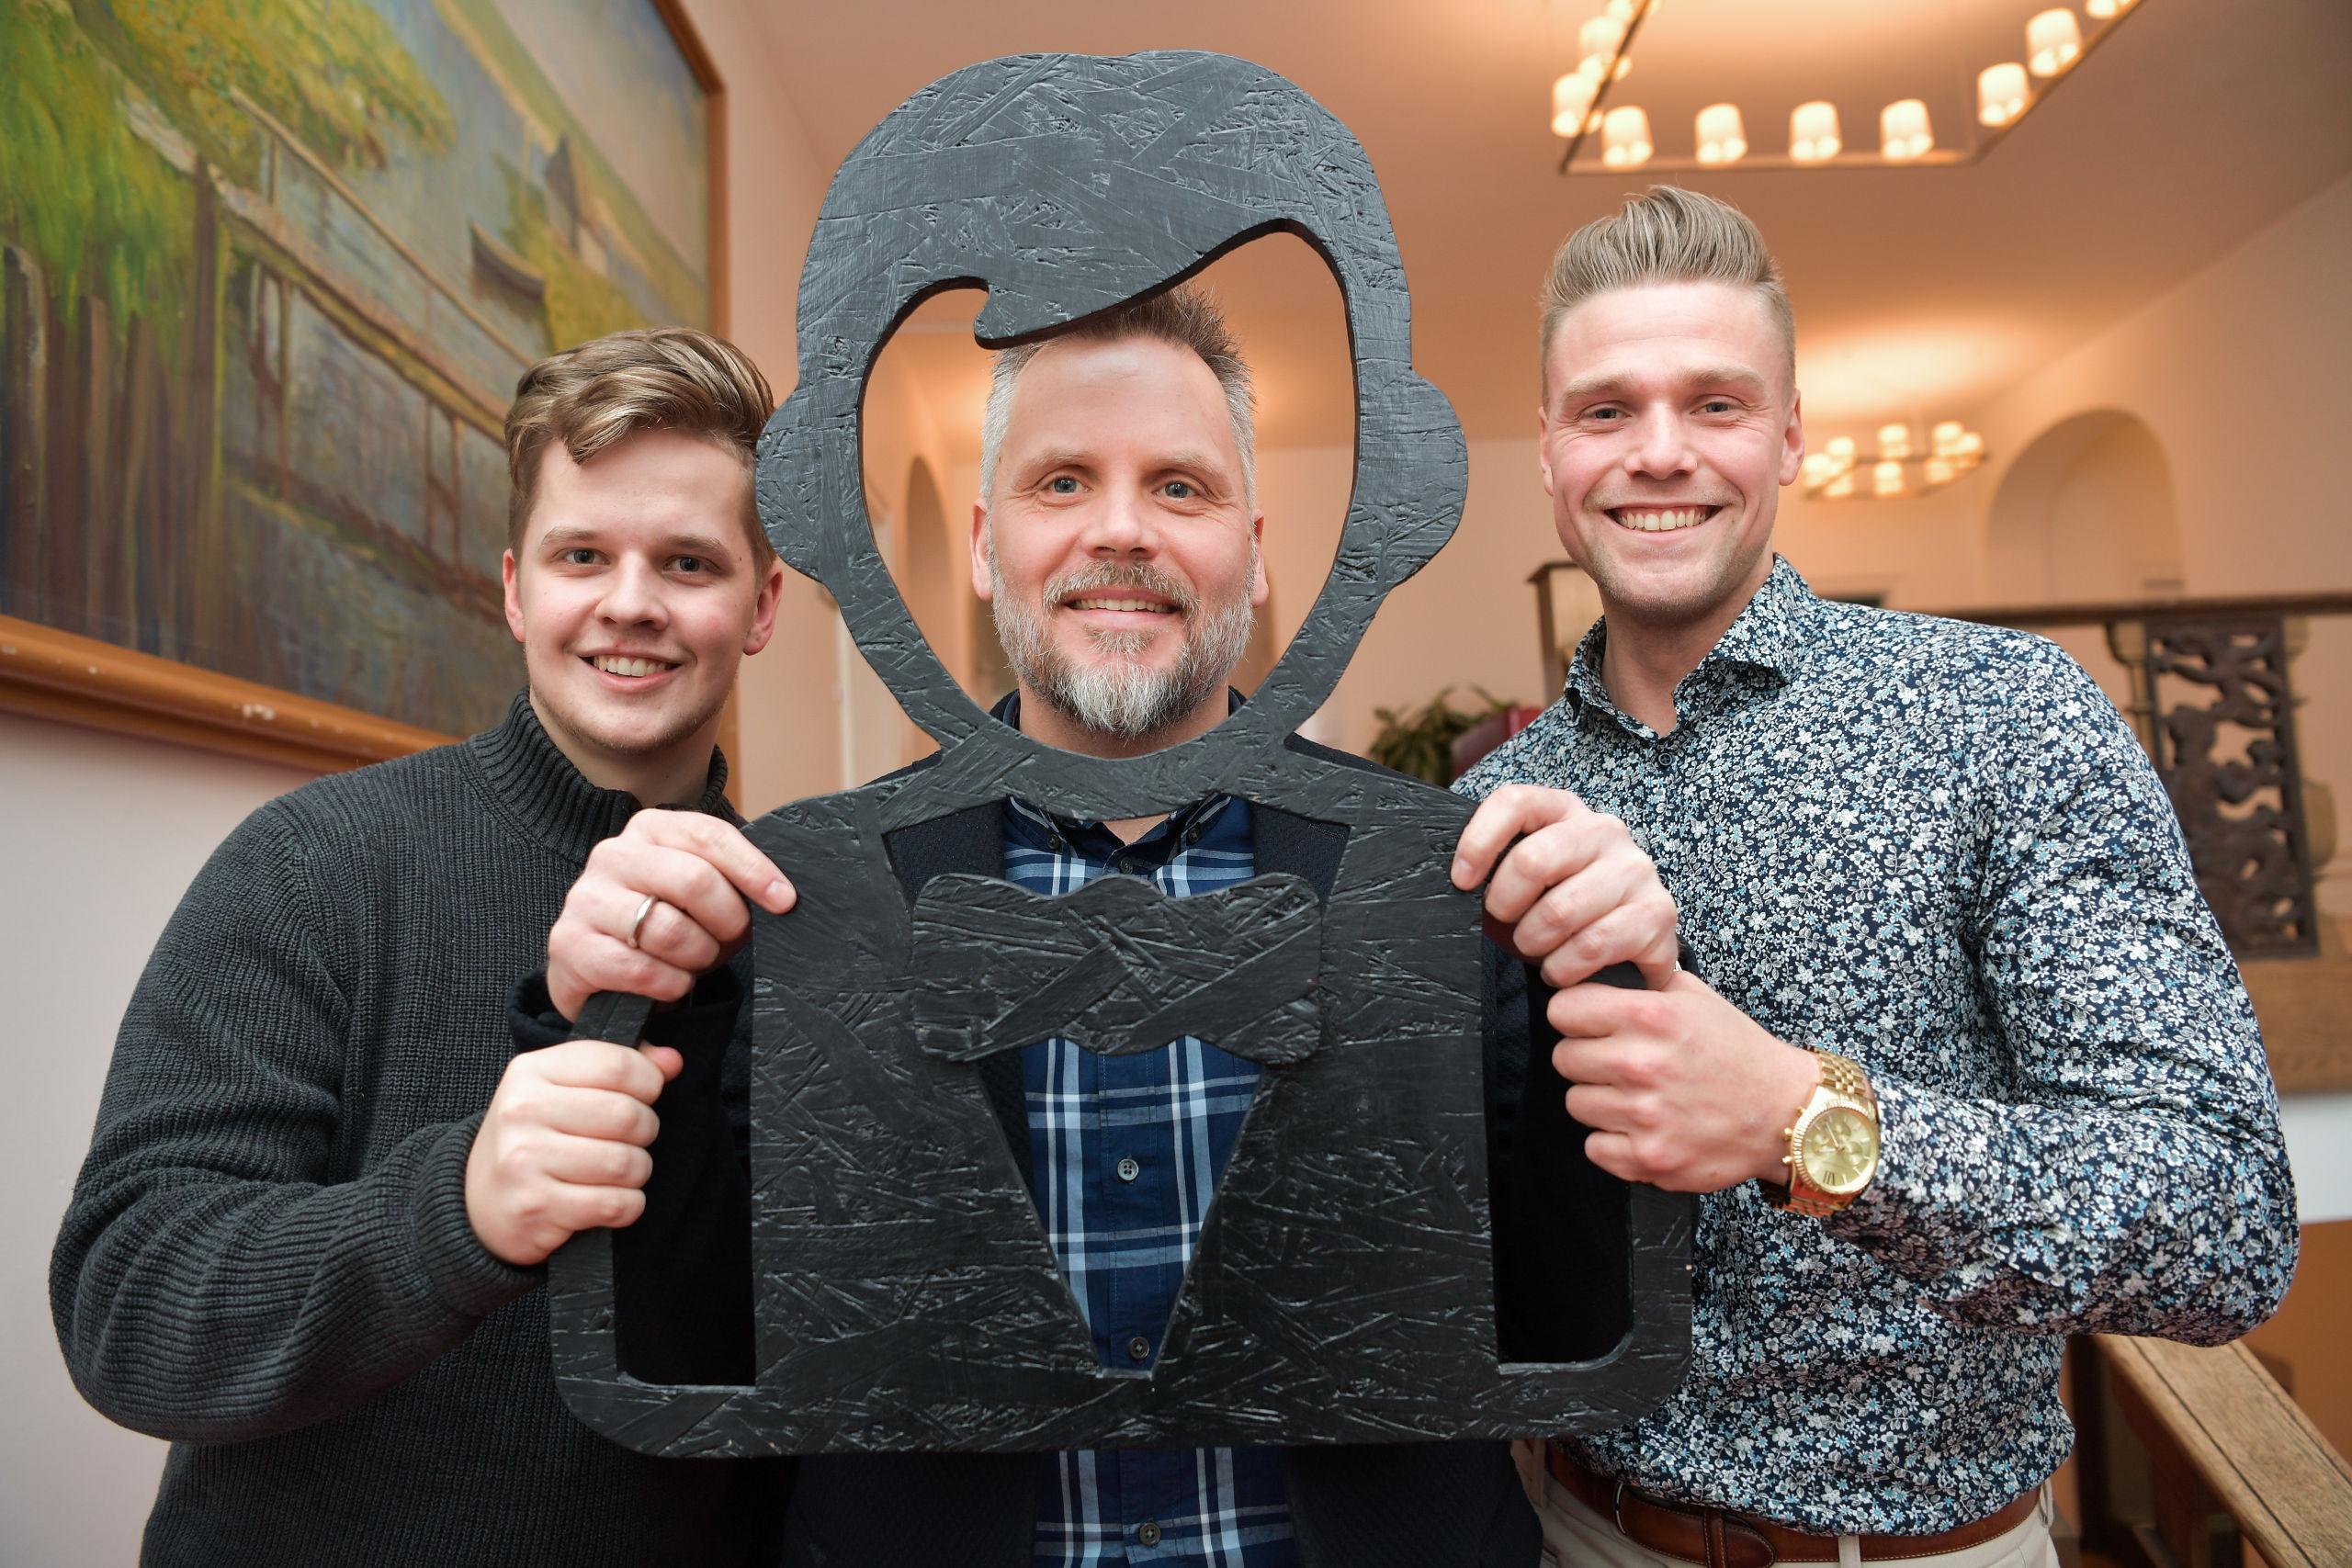 Startet i Aalborg: Waiteer vil indtage Norden